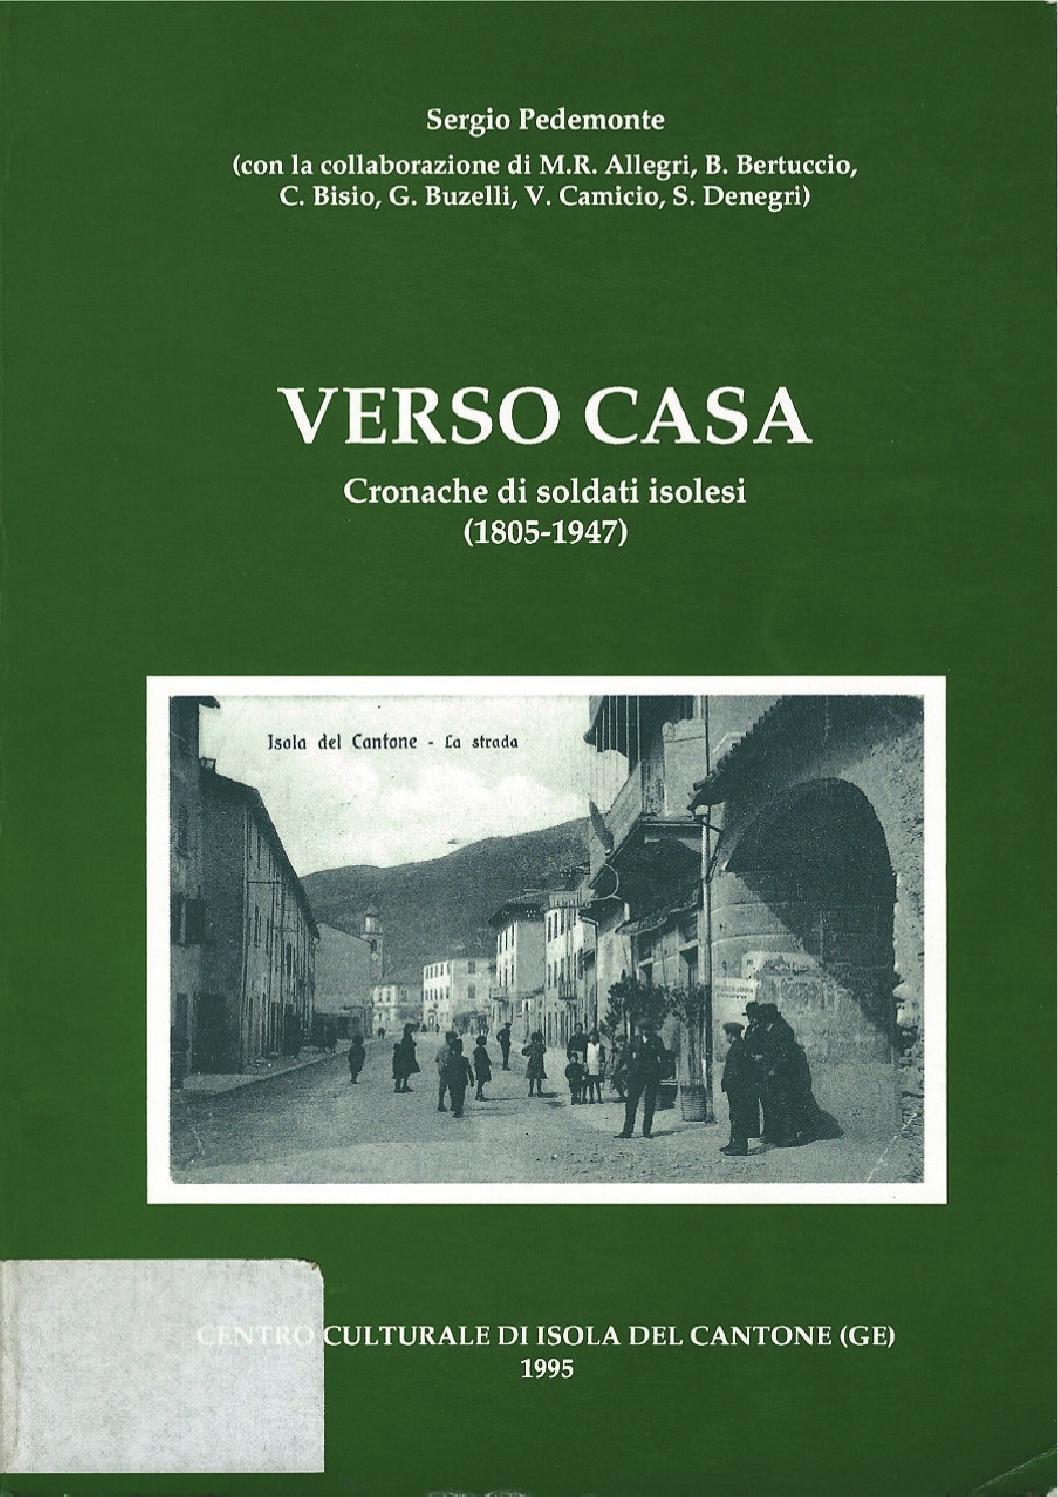 Verso Casa di Sergio Pedemonte by Zonderwater Pow - issuu 3789e2756f5db